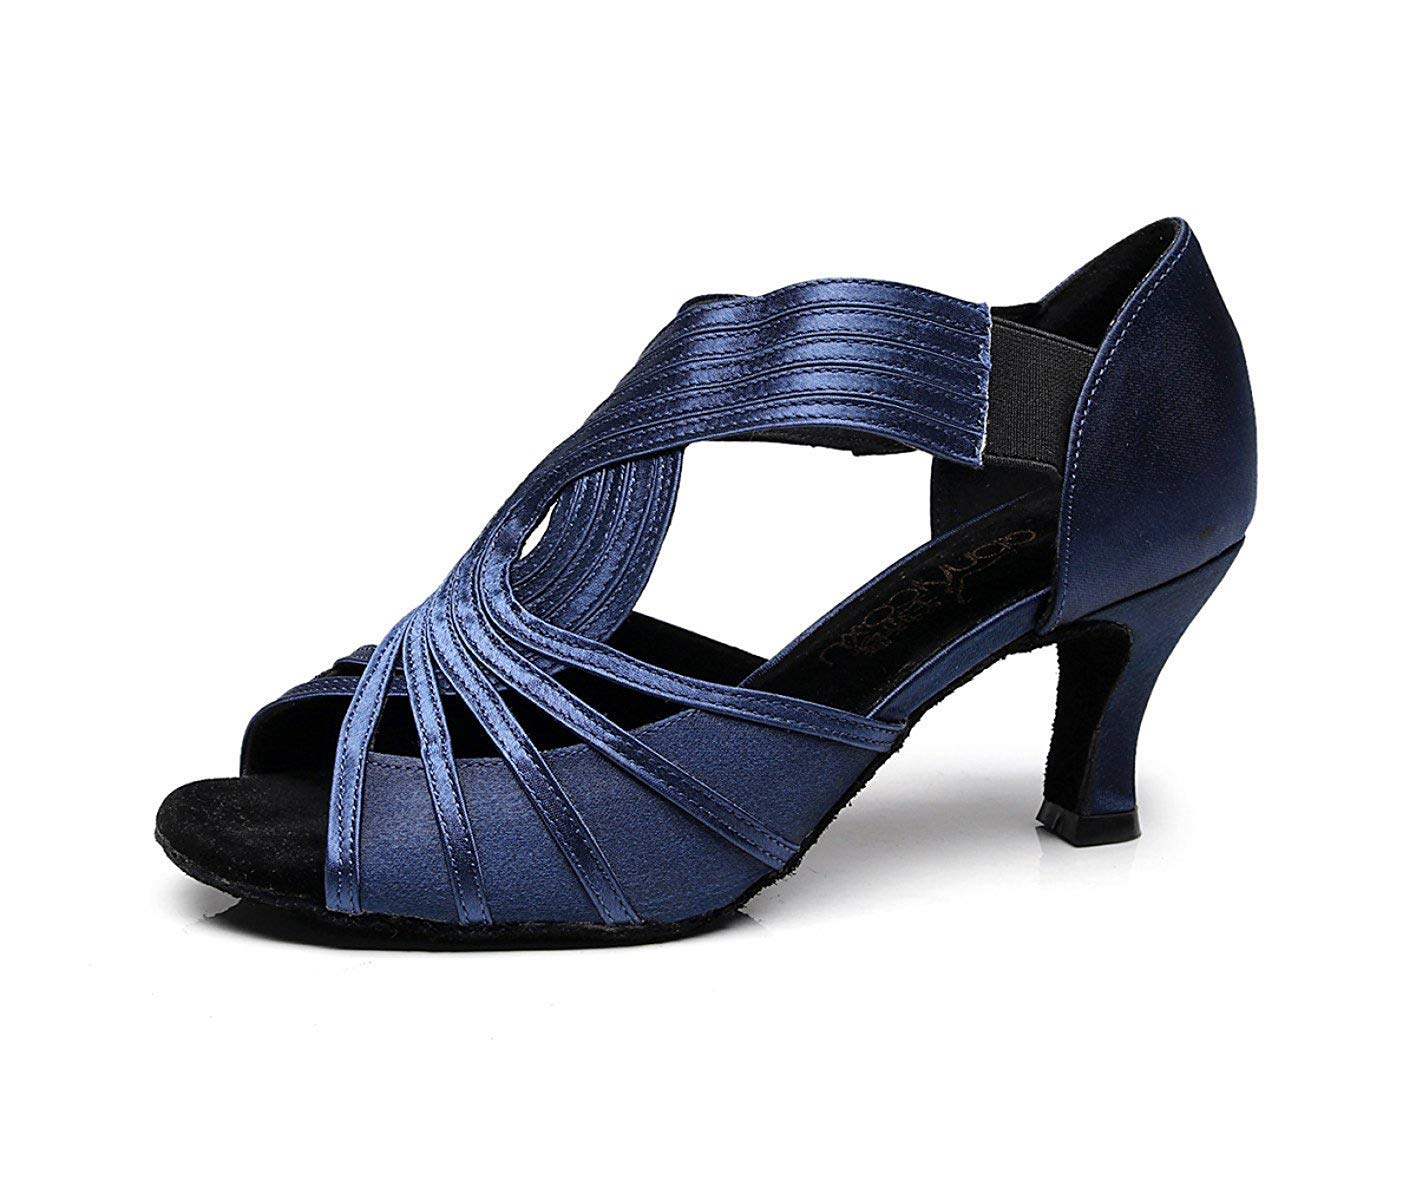 Yingsssq Damen Kristalle Sparking Satin Latin Salsa Tanzschuhe Tango Chacha Samba Modern Jazz Schuhe Sandalen High Heels Blau-Absatz 6cm-DE3   EU33   Our34